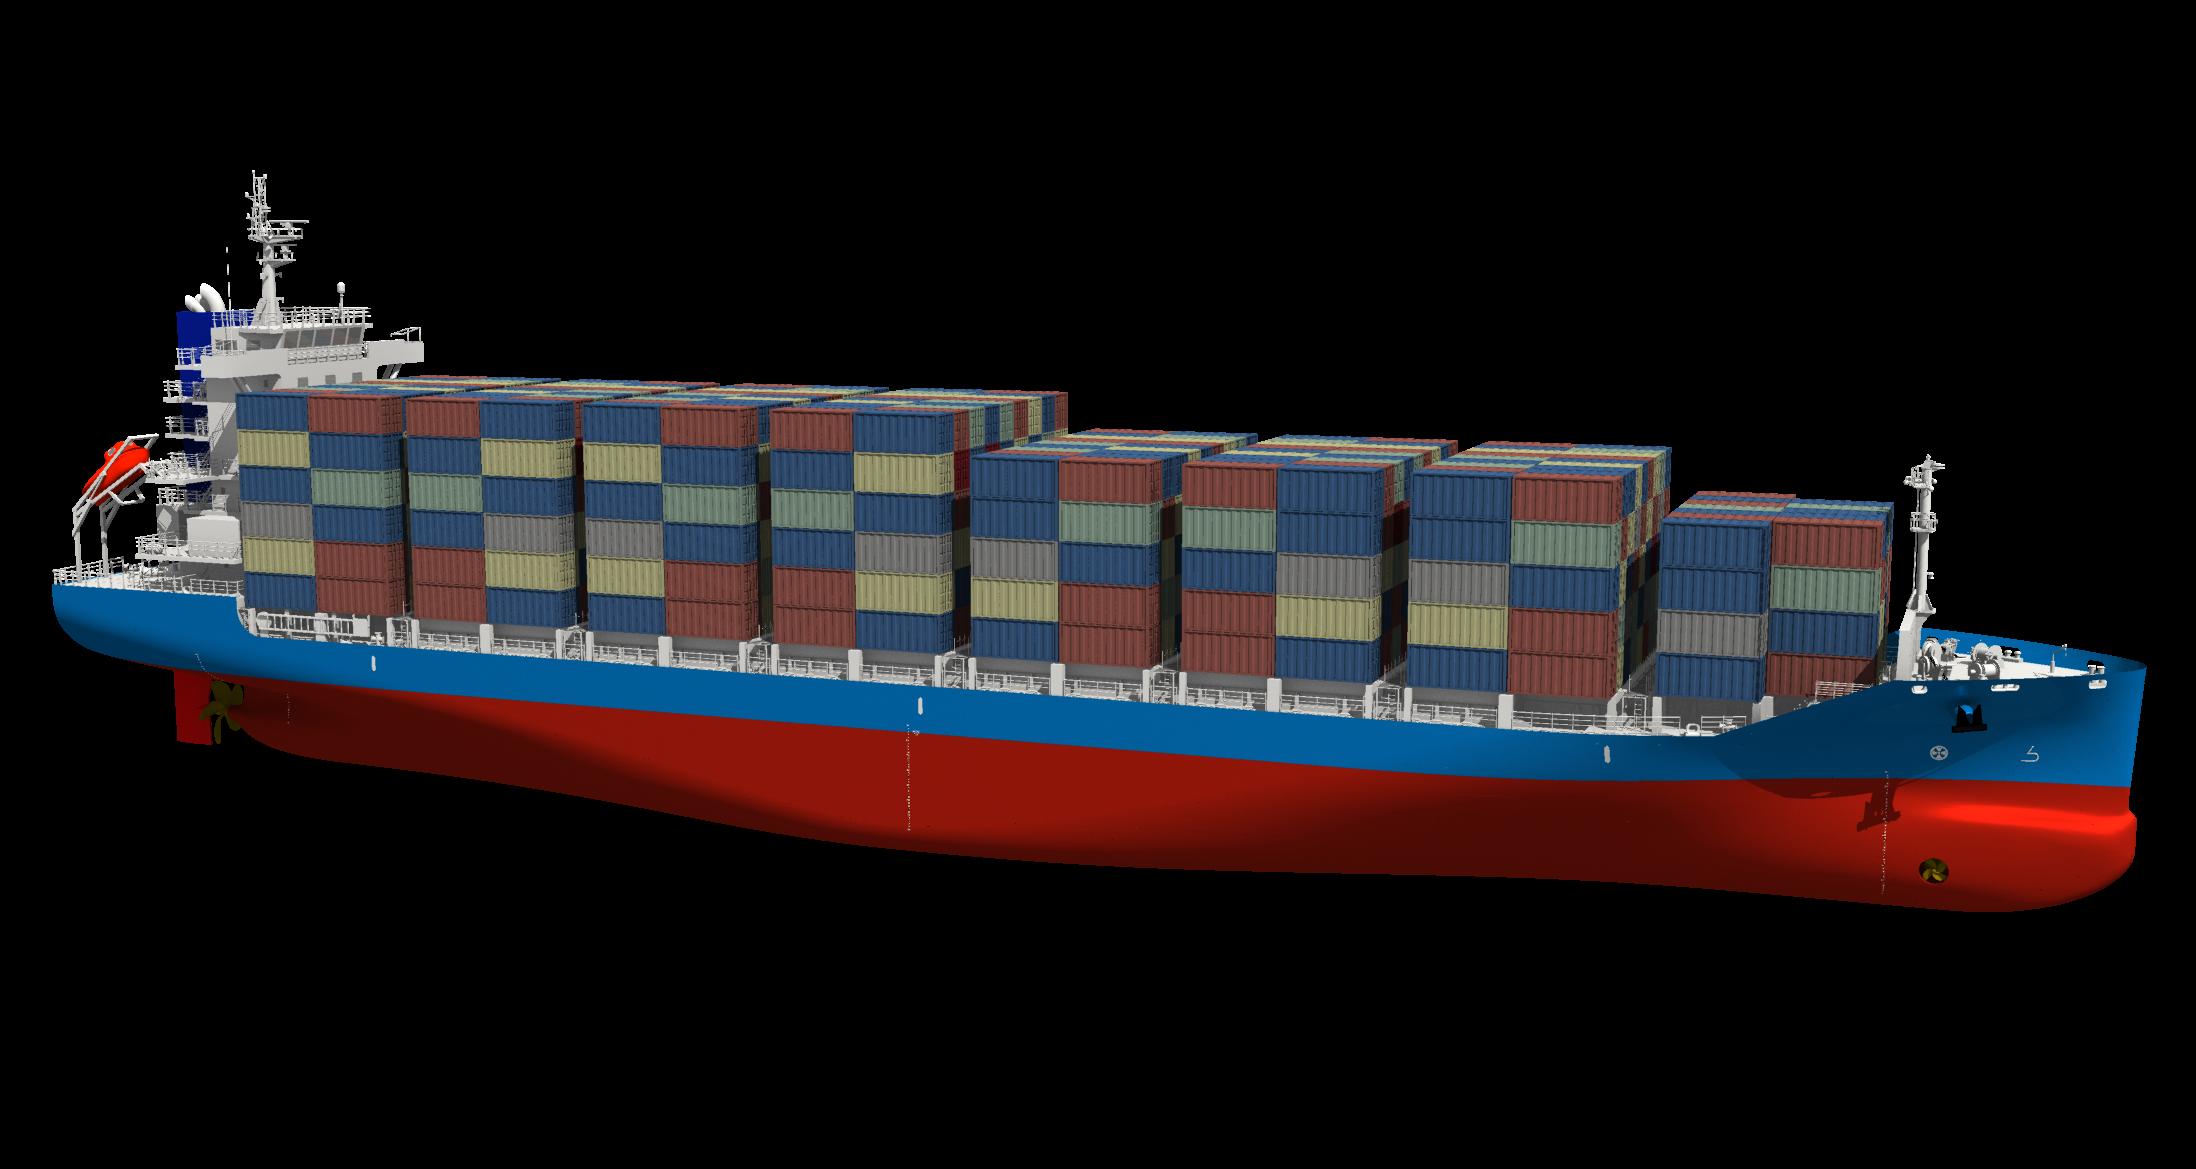 常石集团(舟山)造船获中国国营企业3艘新型1,091TEU集装箱船订单